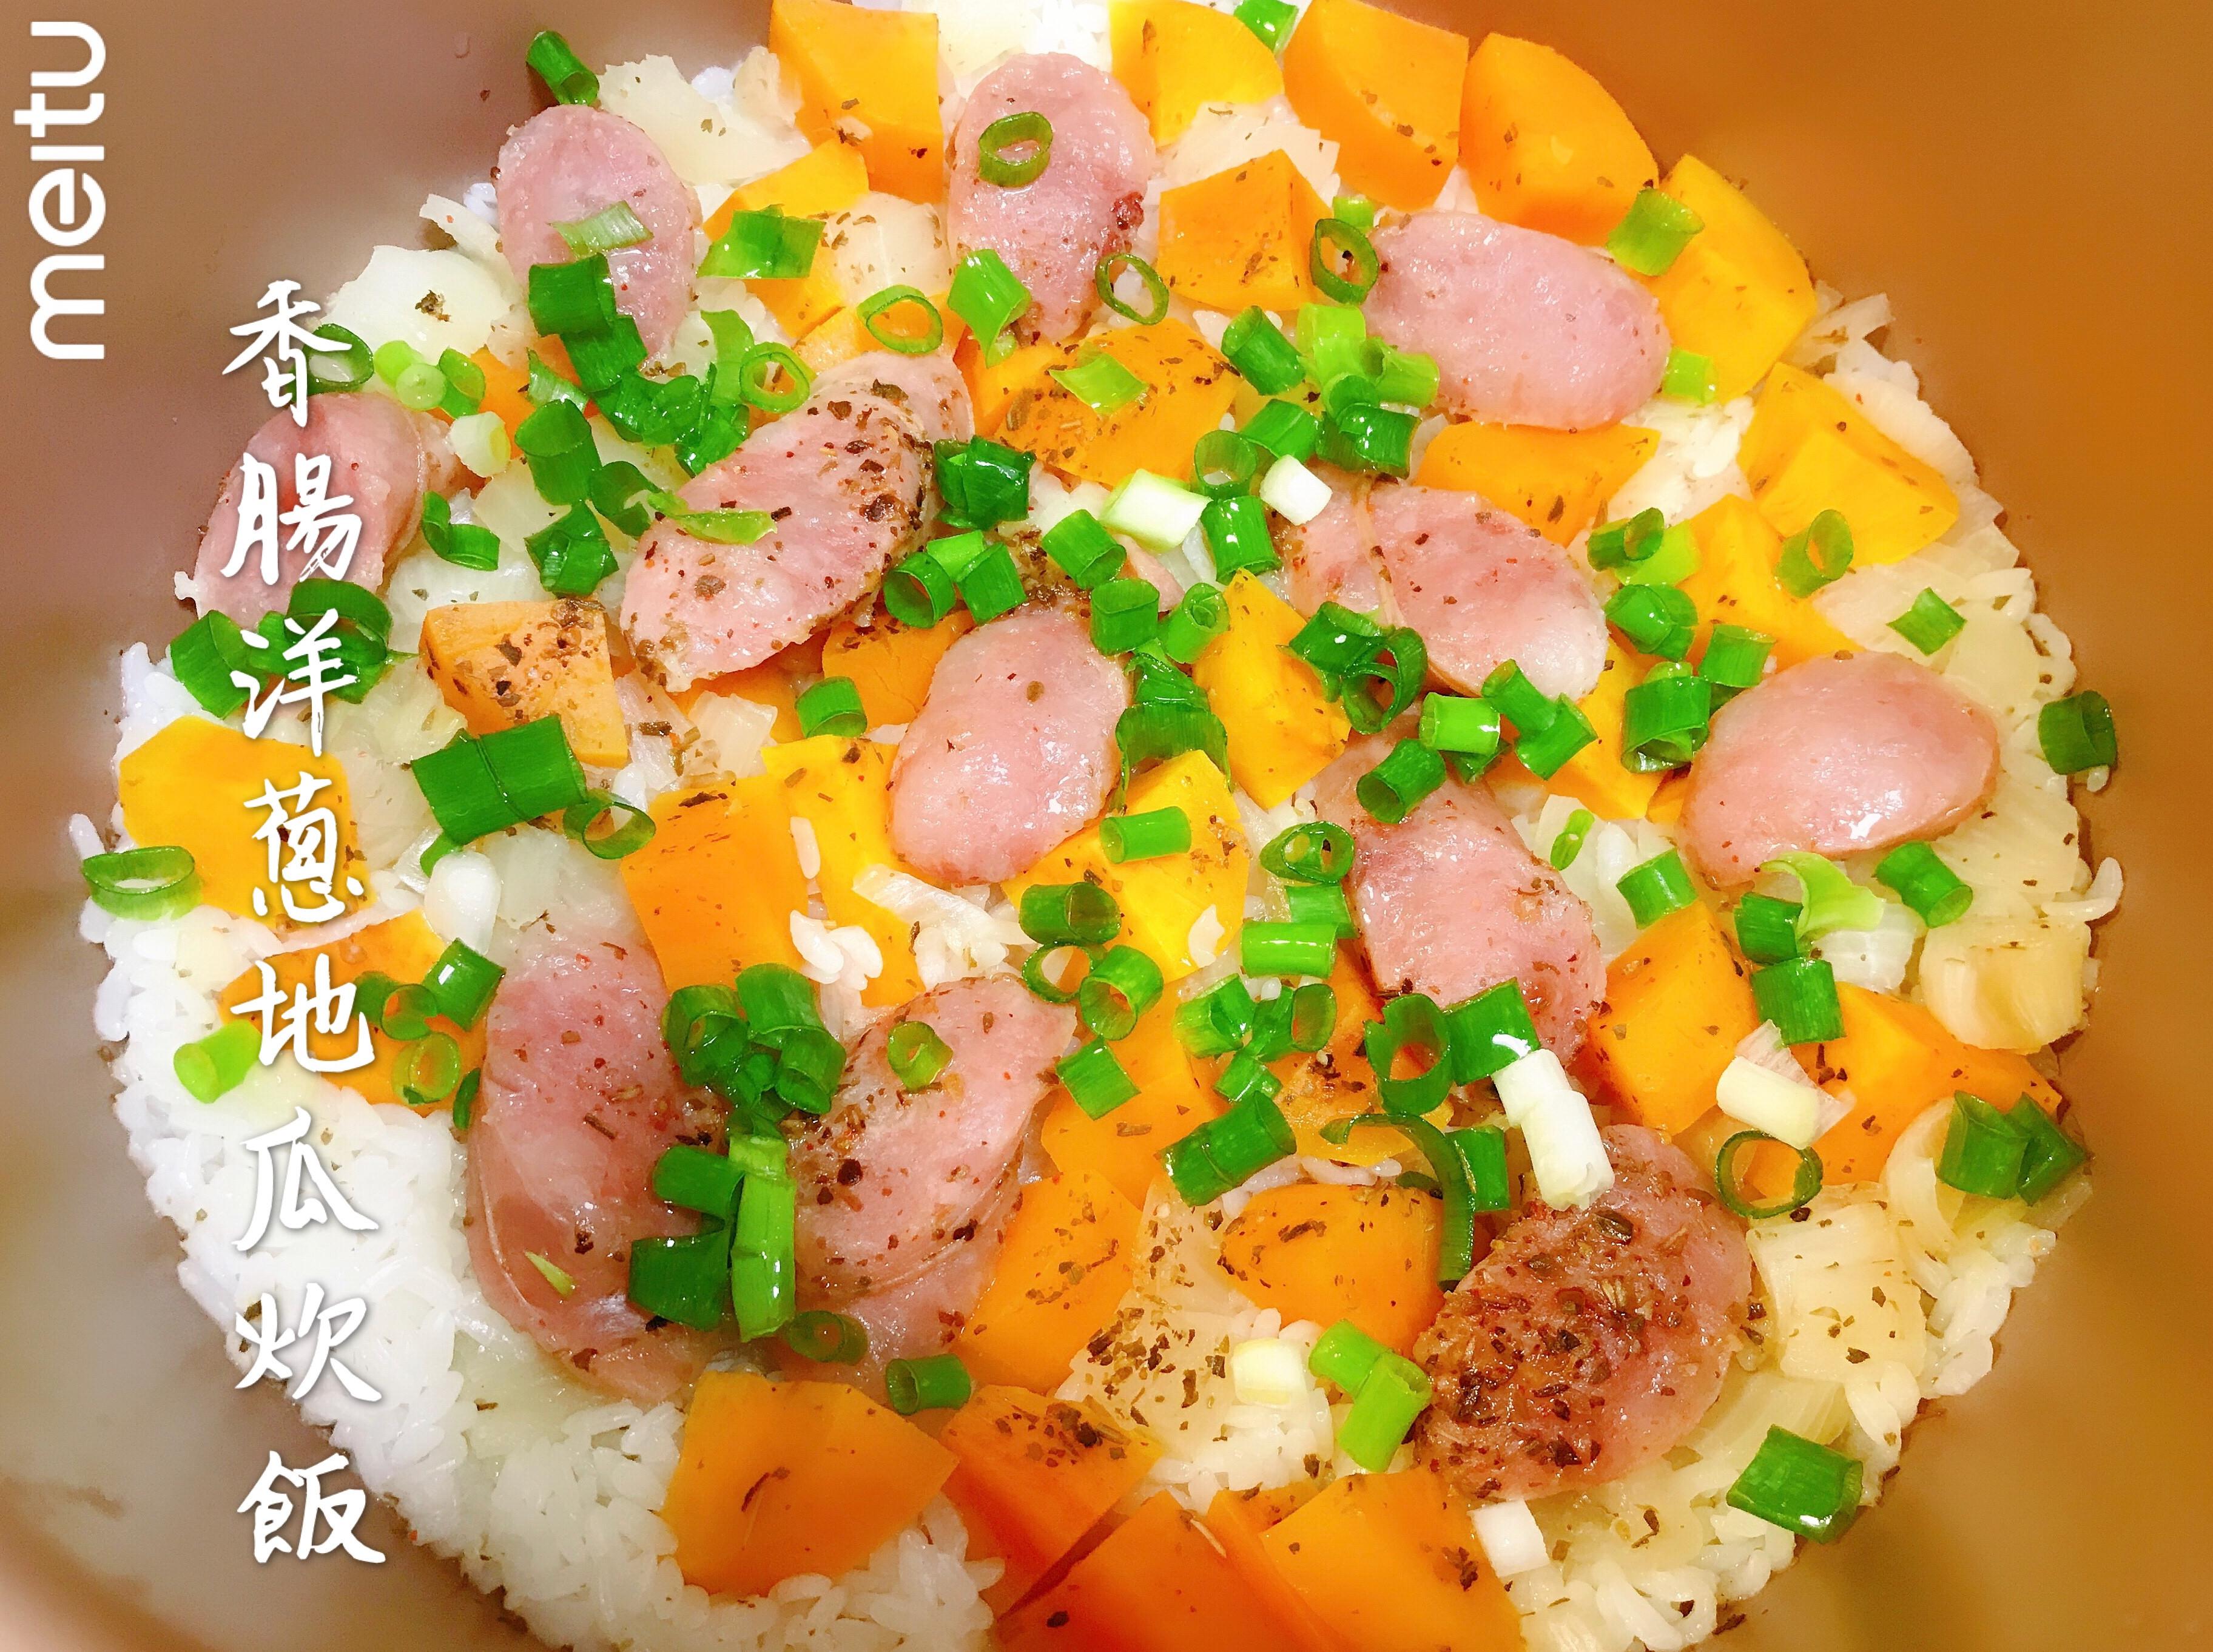 香腸洋蔥地瓜炊飯(飛利浦萬用鍋)